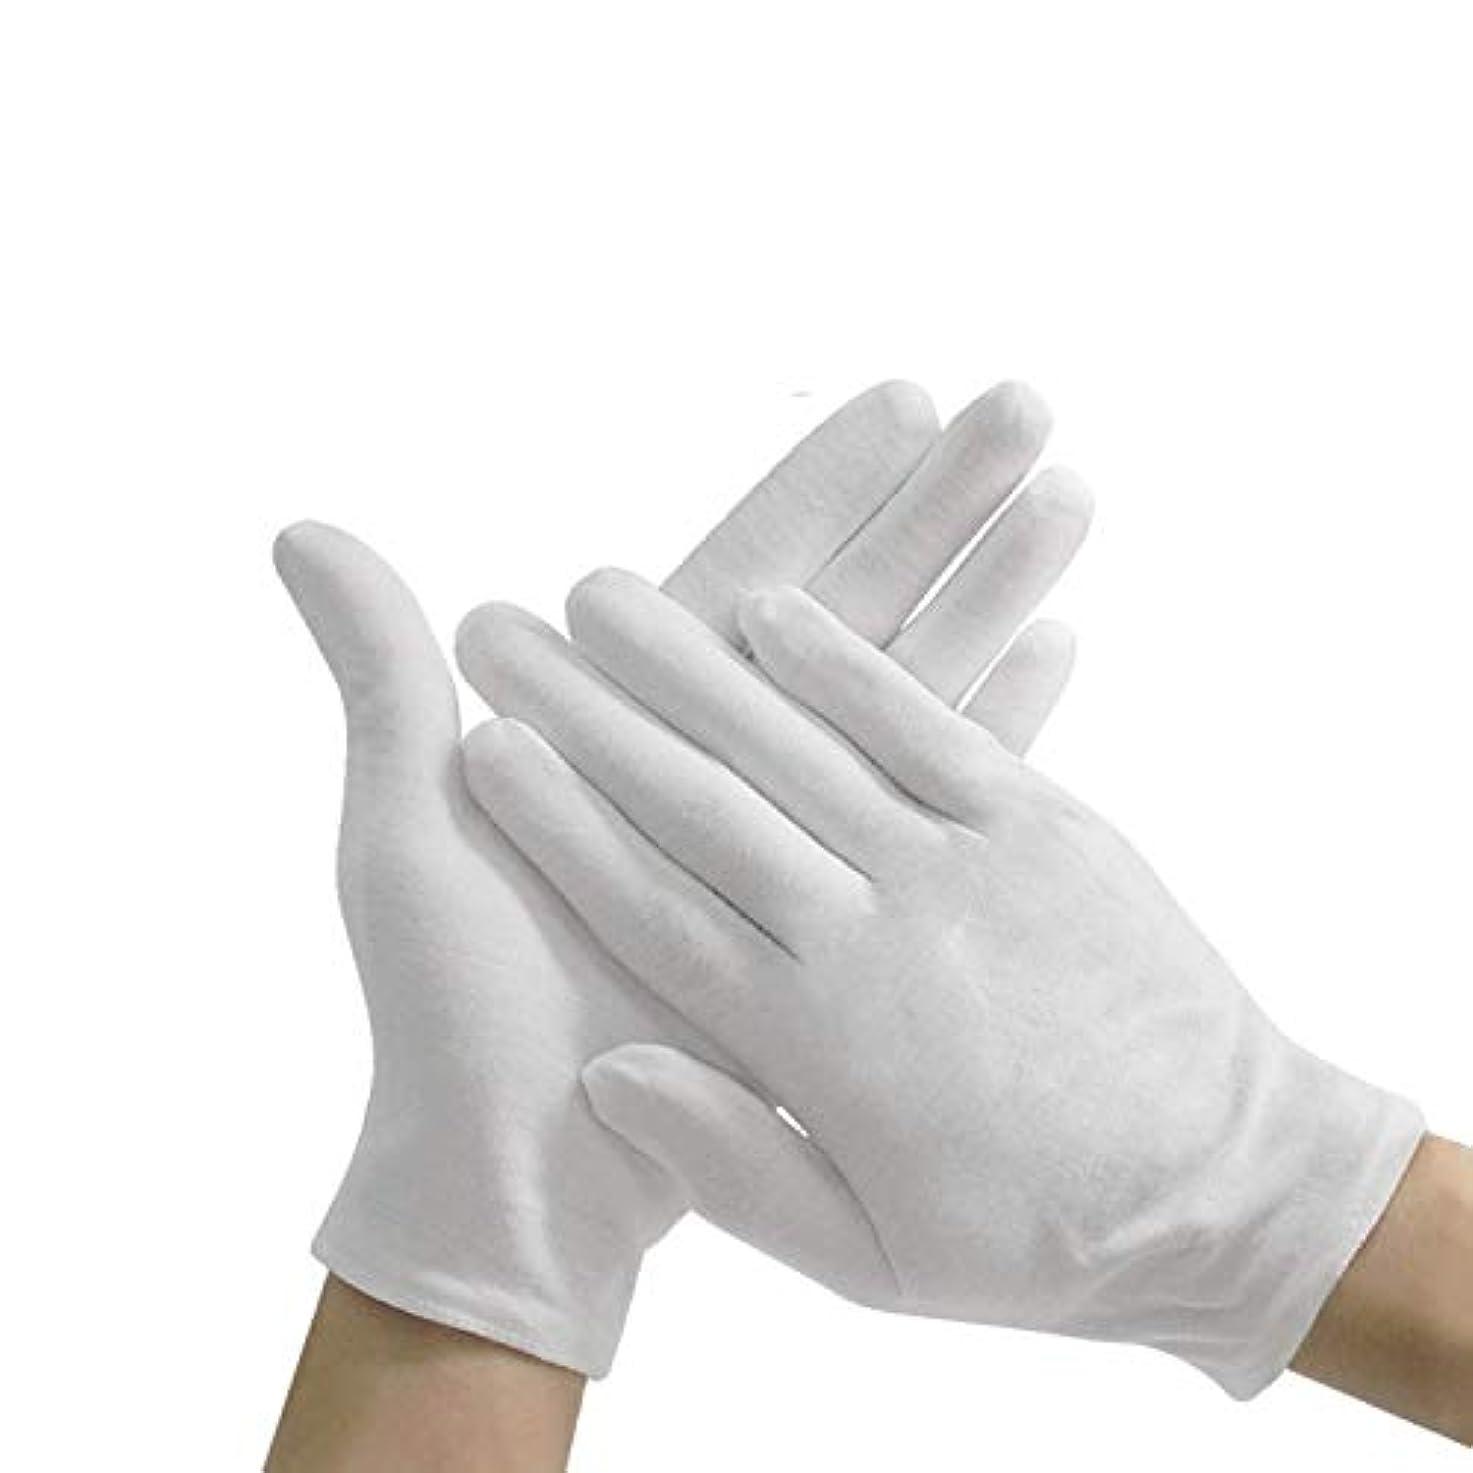 ポゴスティックジャンプ霧深い倍増おやすみ 手袋コットン 100%耐久性が強い上に軽く高品質ふんわりとした肌触り 白12双組